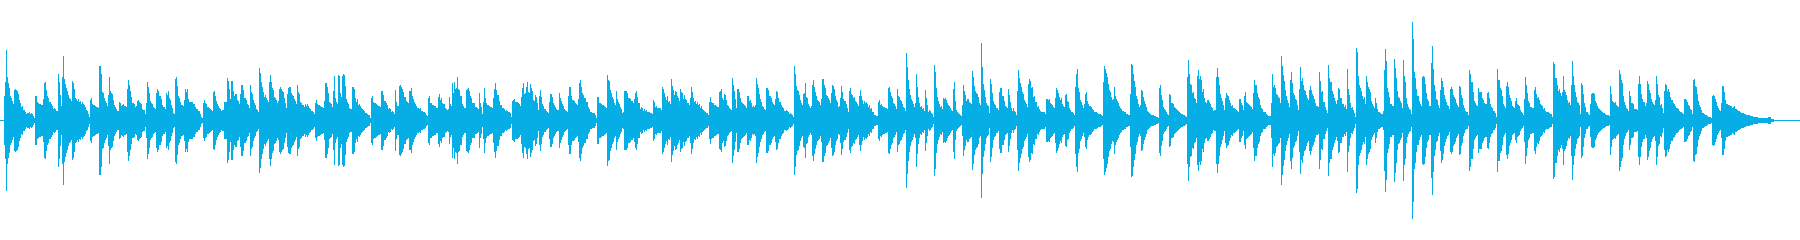 サティっぽいピアノソロの再生済みの波形